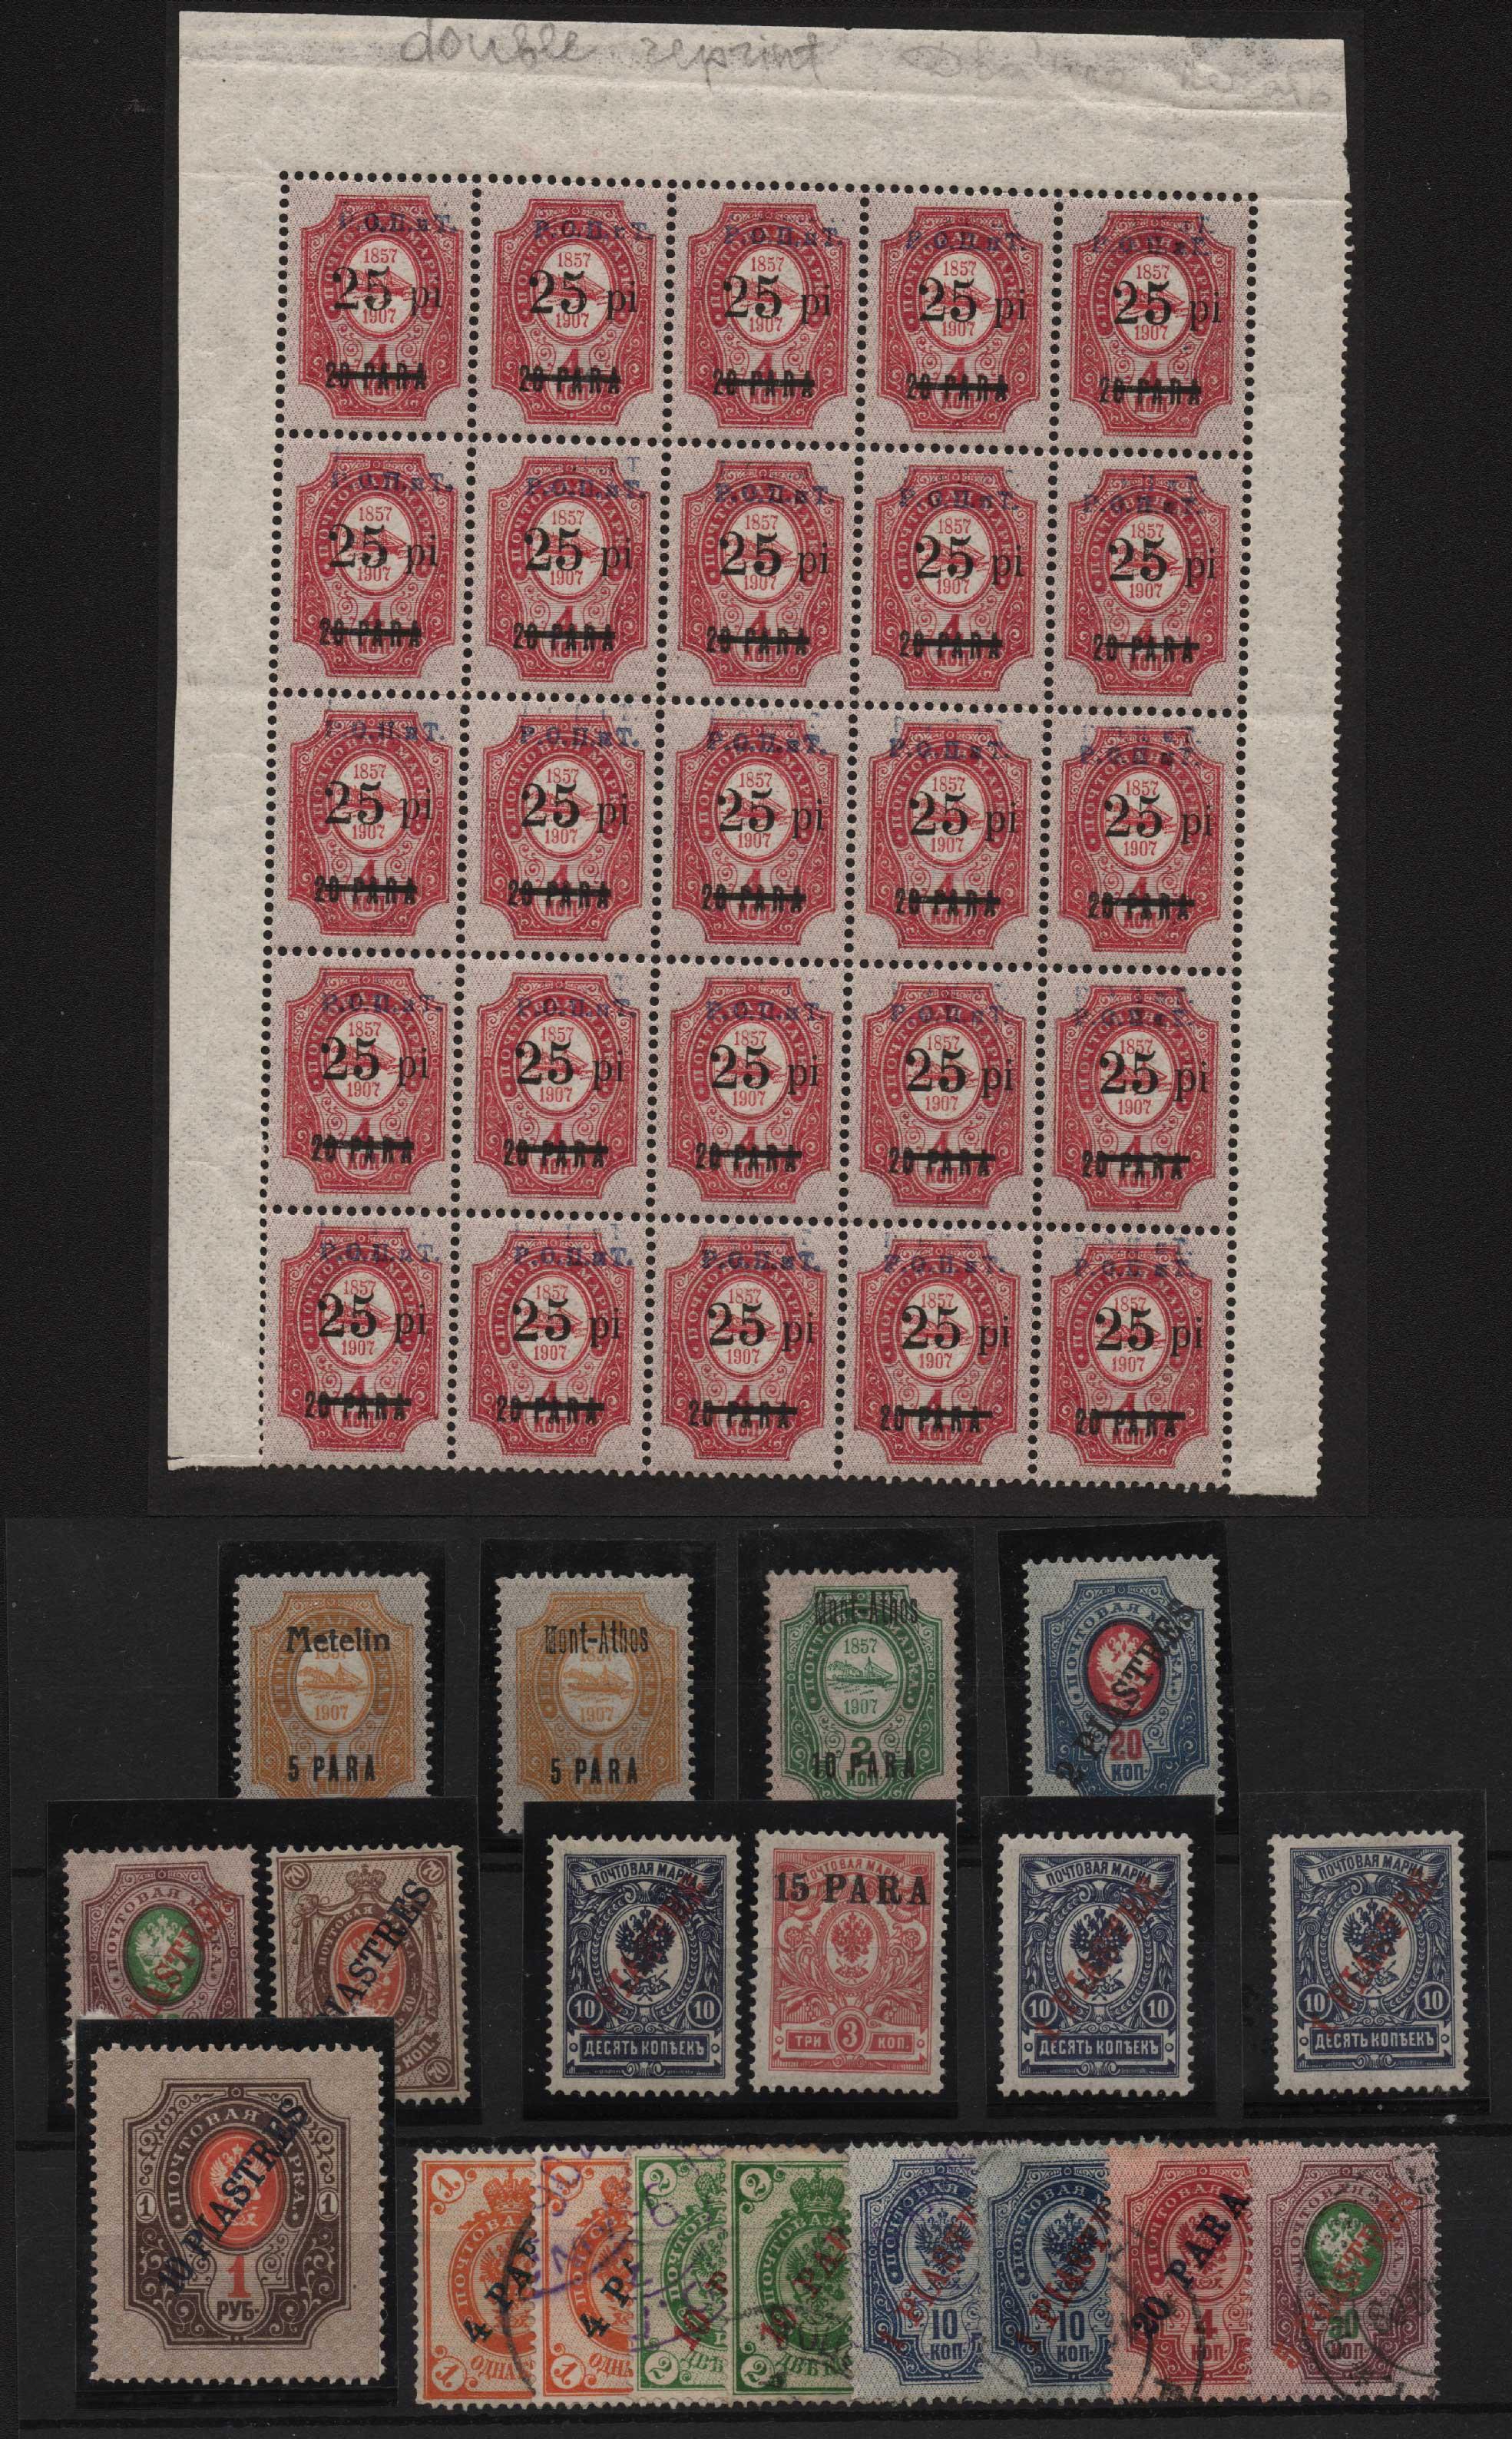 Lot 1485 - -  LEVANT levant -  Athens Auctions Public Auction 69 General Stamp Sale